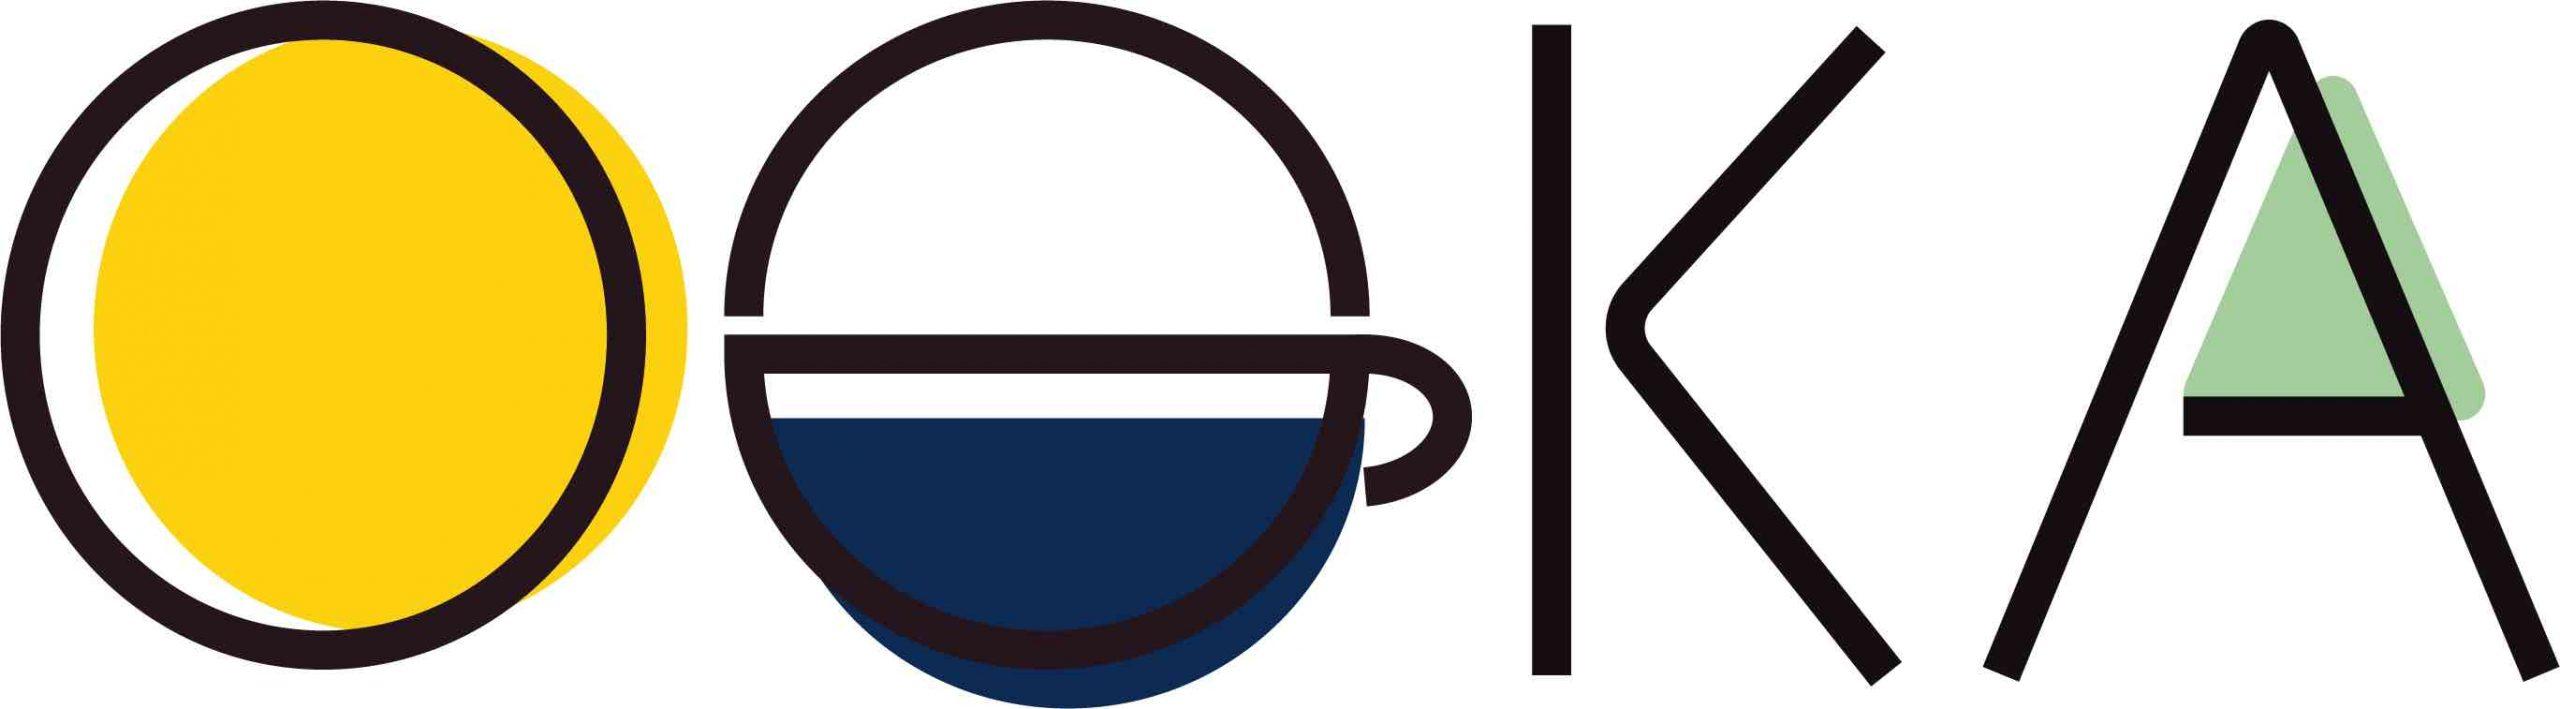 logo-scaled